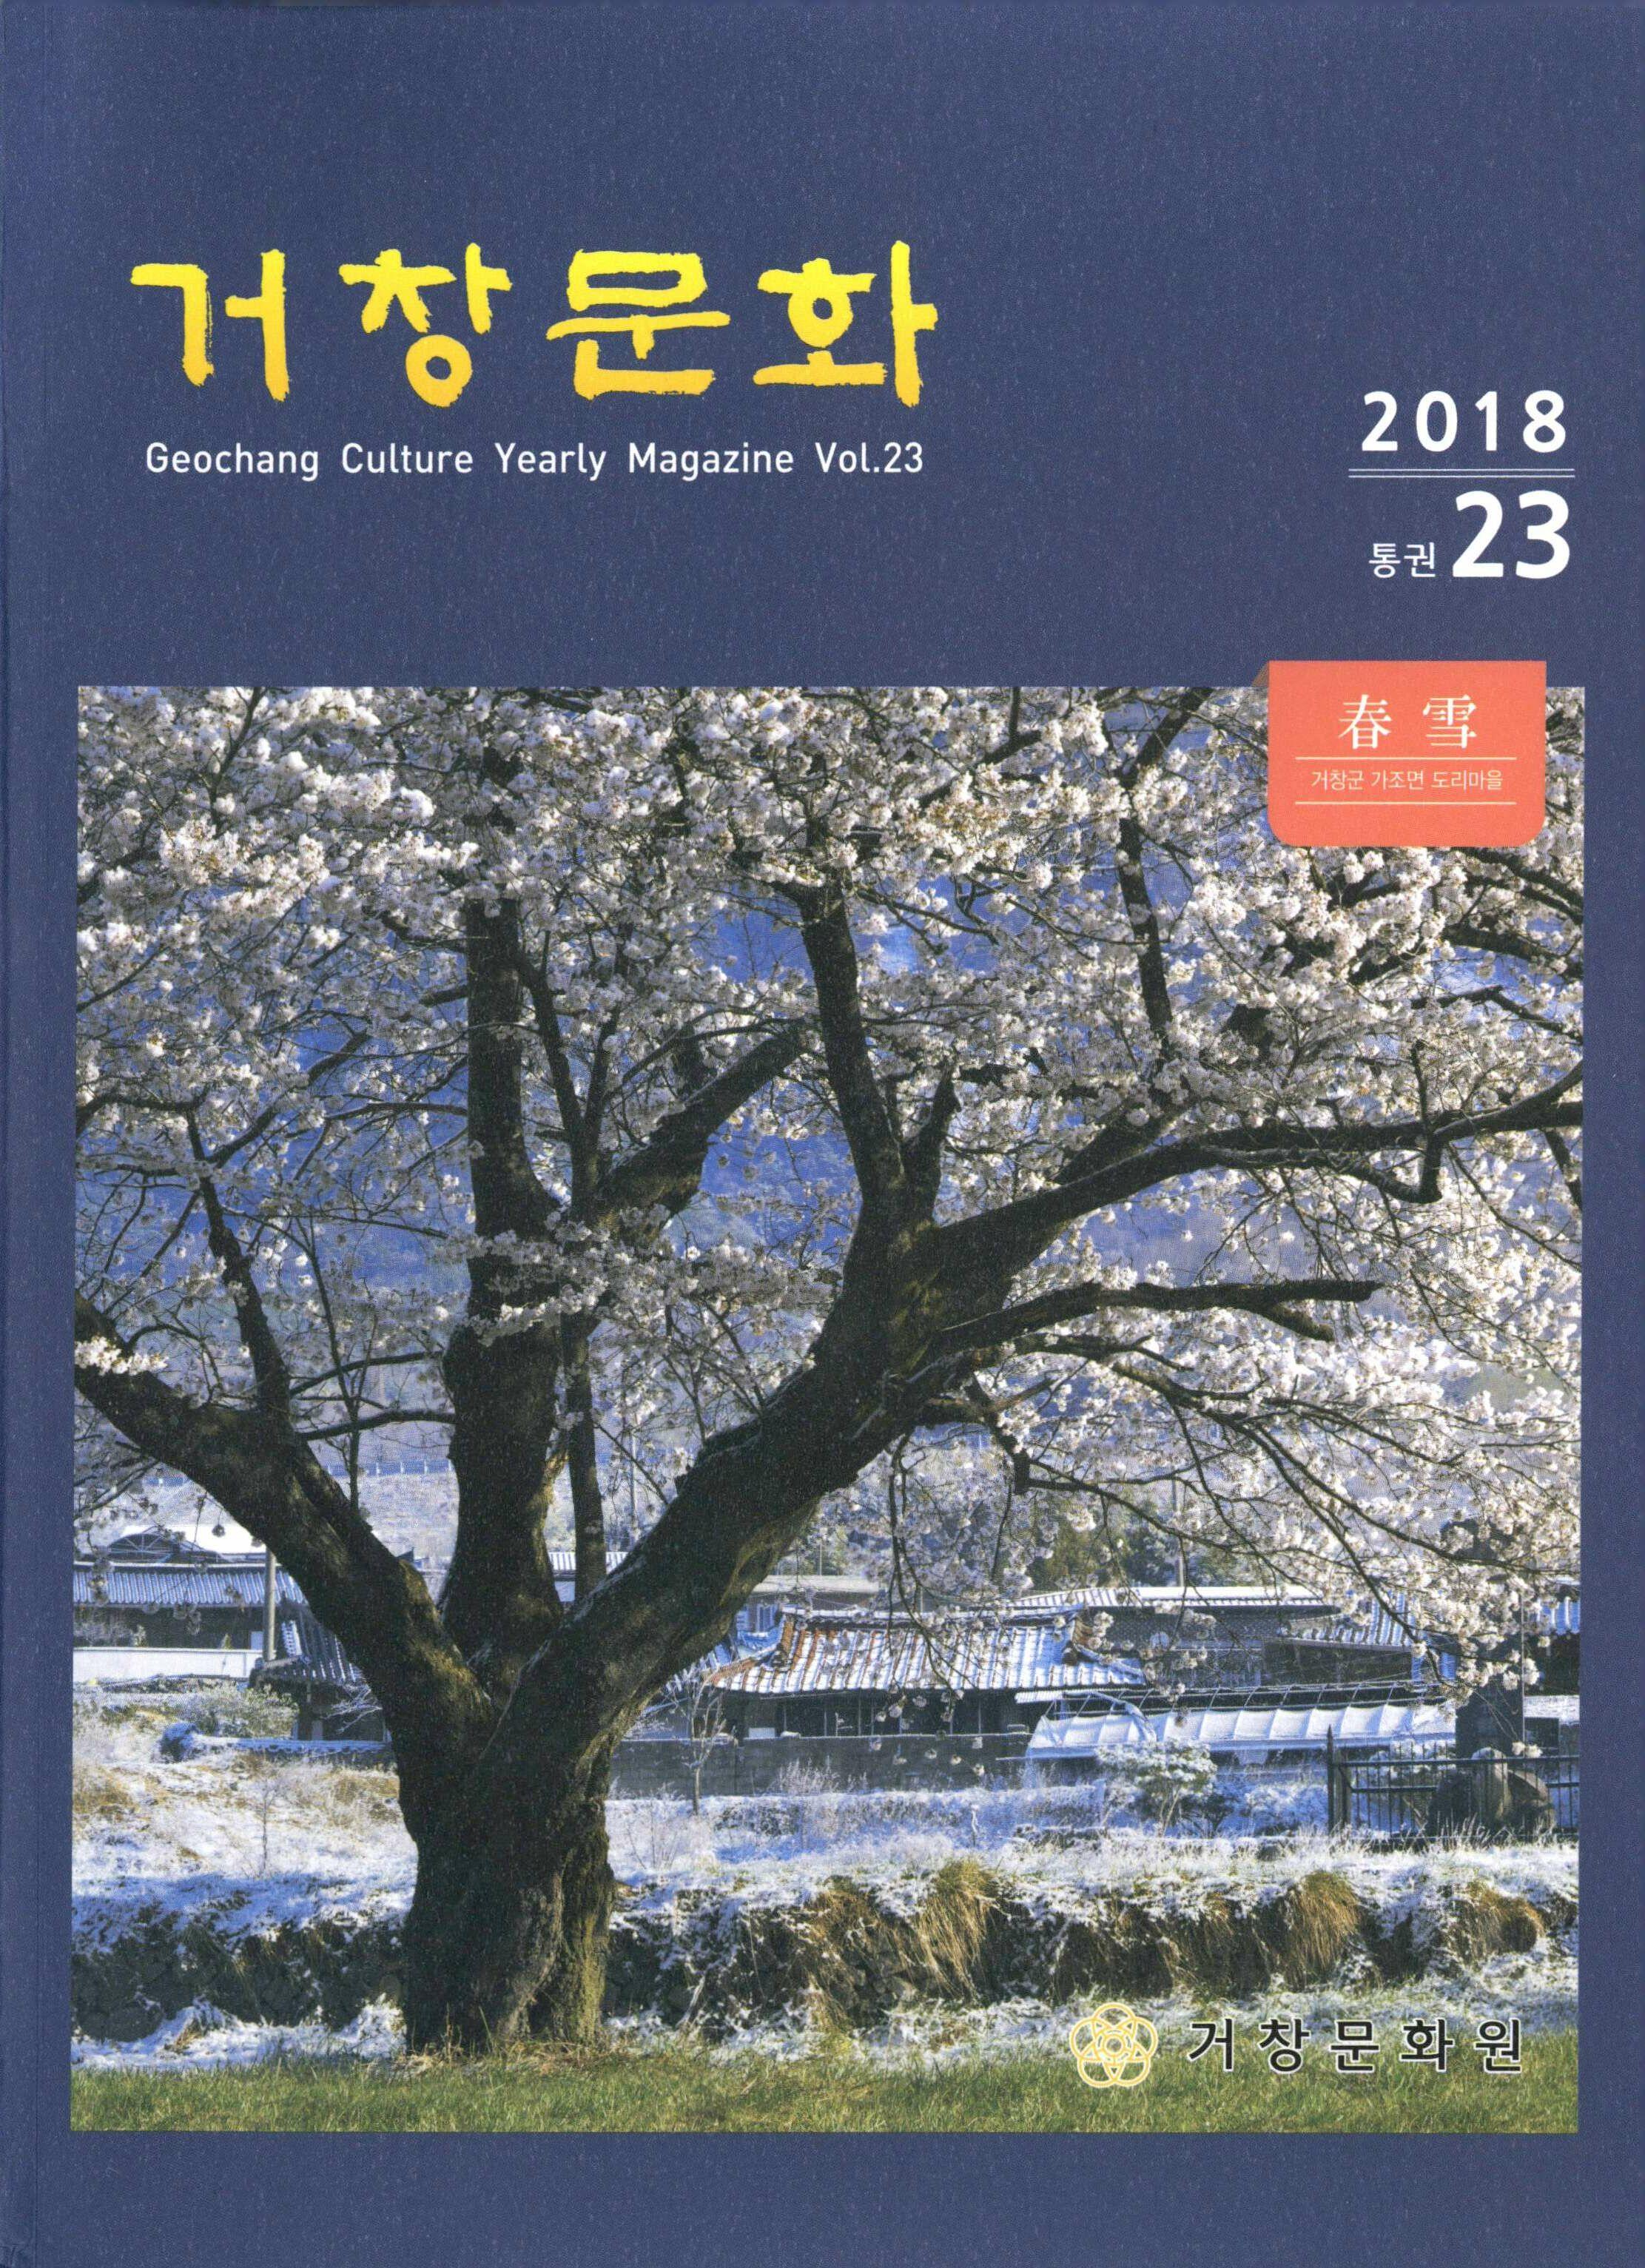 거창문화 2018 통권 23